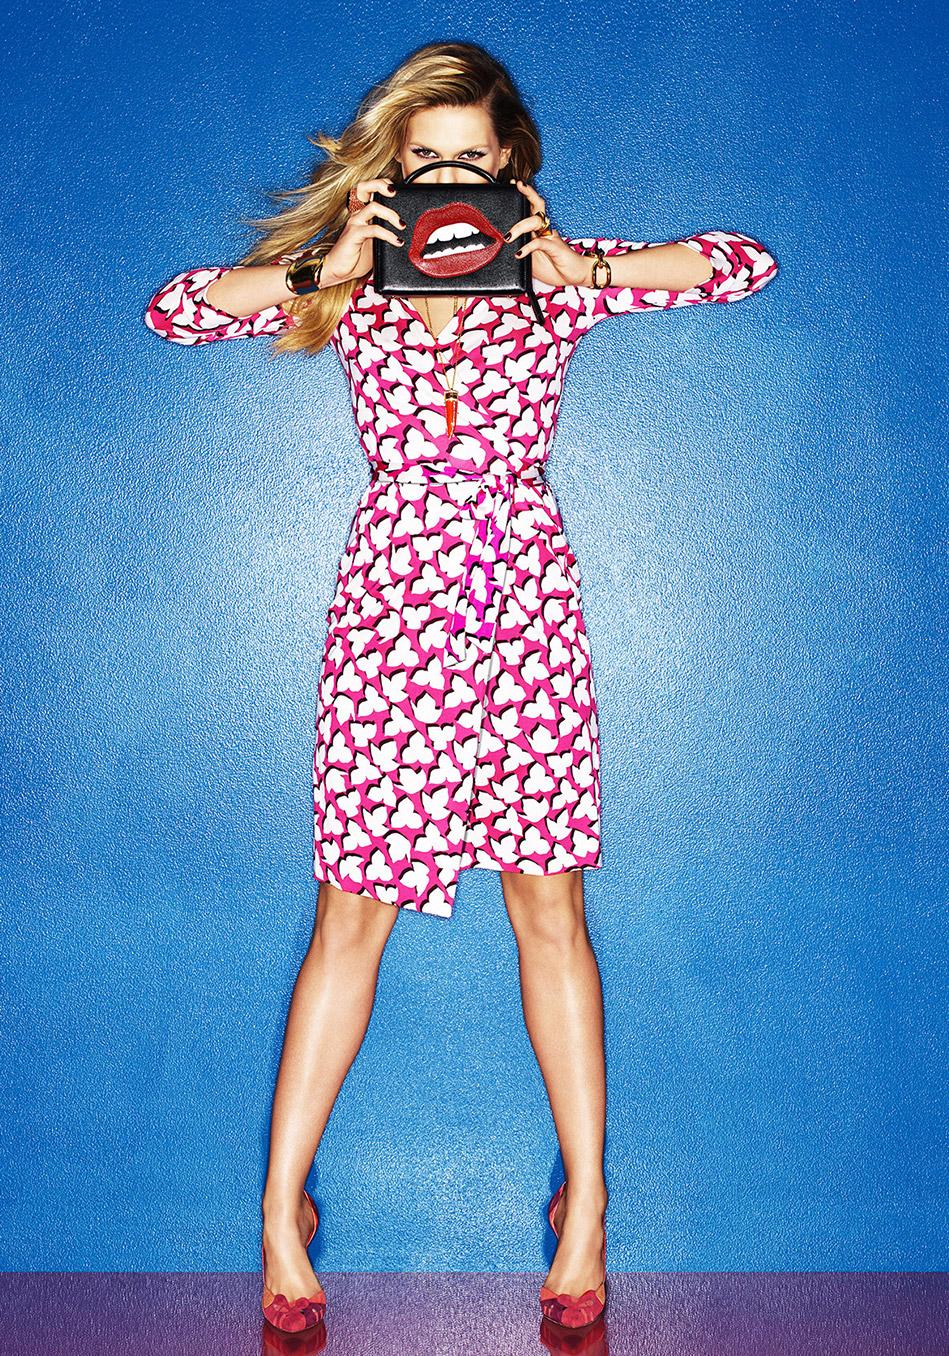 Patti Hansen 70s Fashion Looks